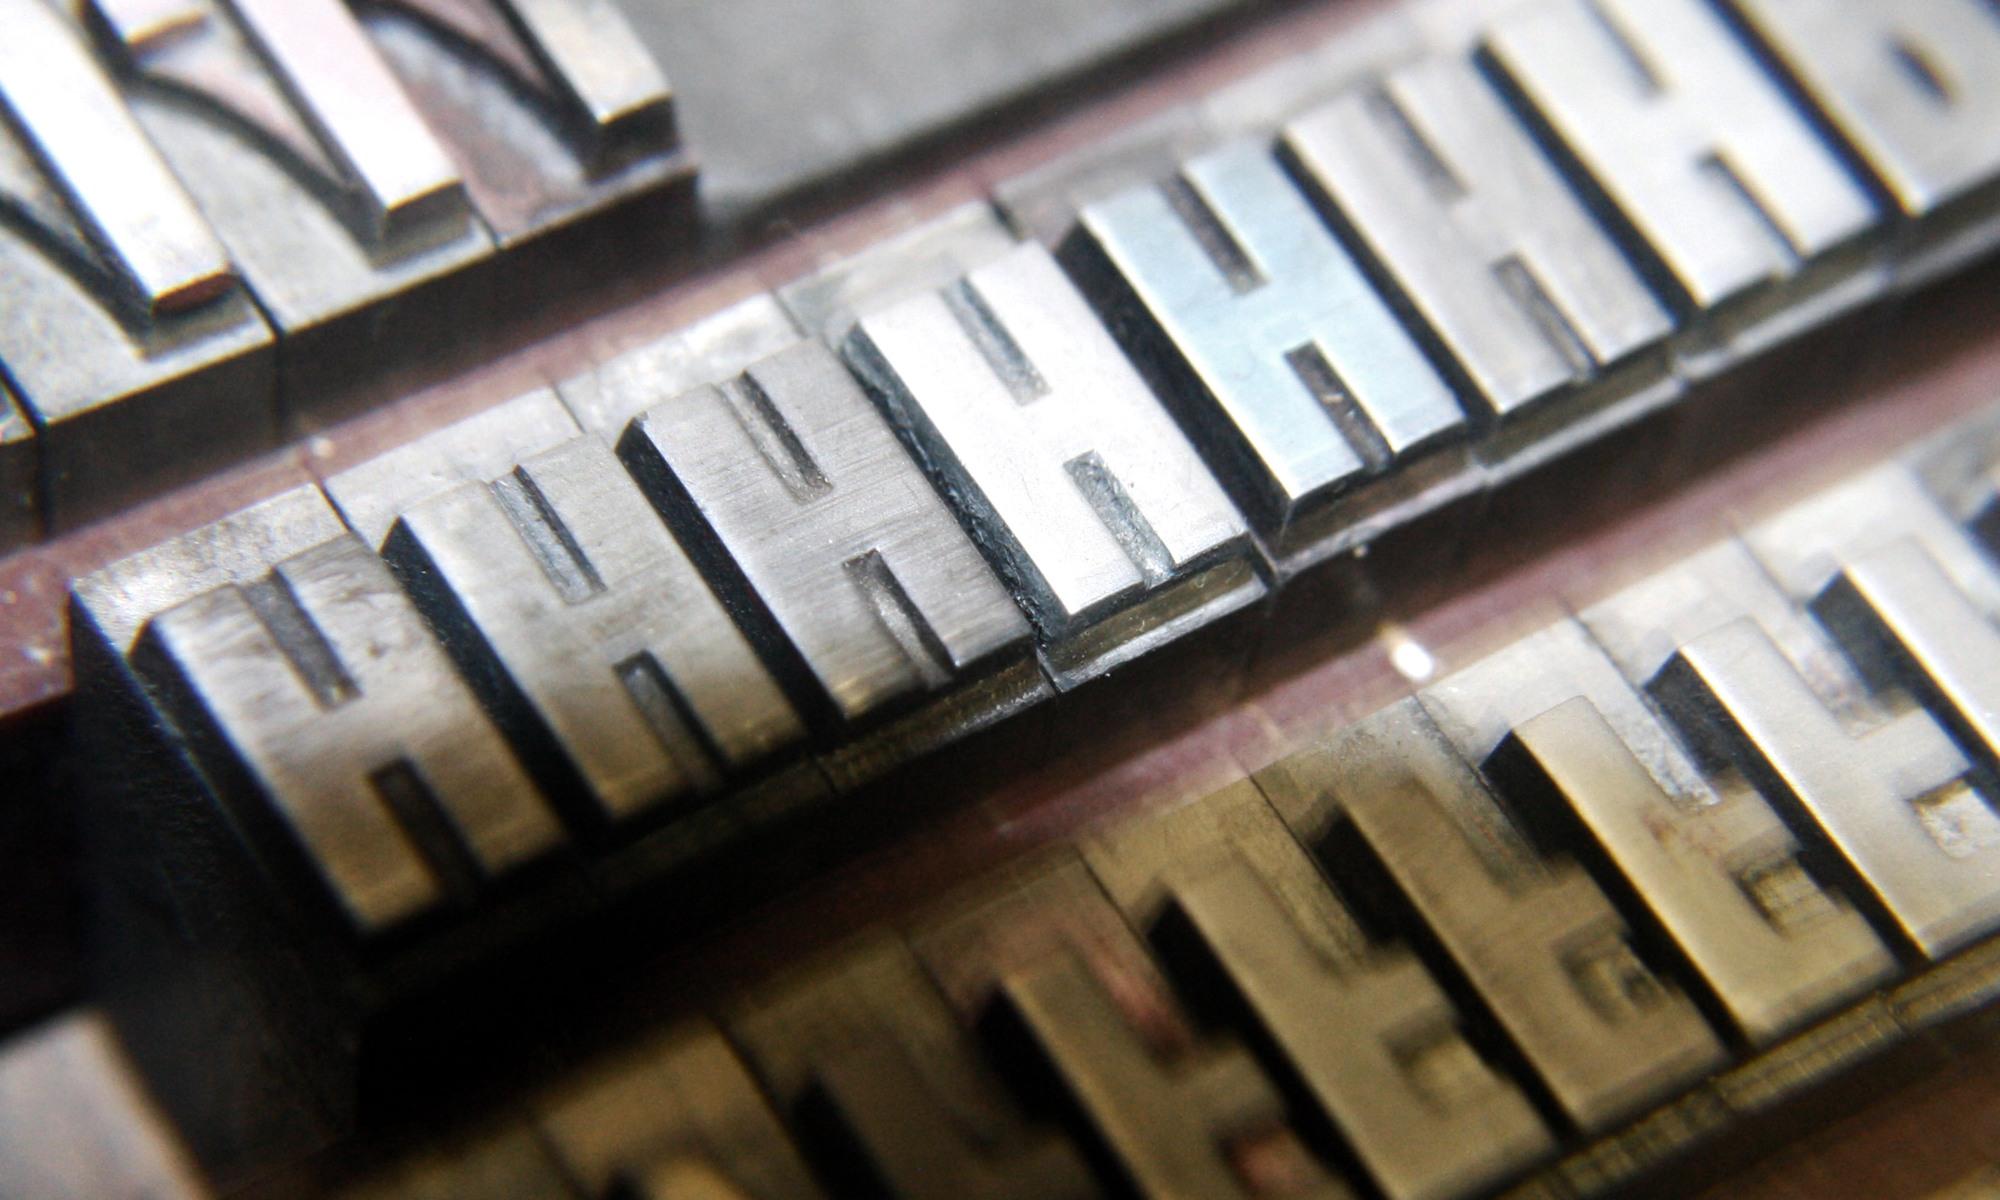 Satz und Druck Service GmbH www.satz-und-druck.com Jüttner Garbsen Hannover Werbeagentur Druckerei Grafikdesign Team Visitenkarten Flyer Broschüren Plakate Poster Hochzeitspapeterie Trauerkarten Region Hannover Werbemittel